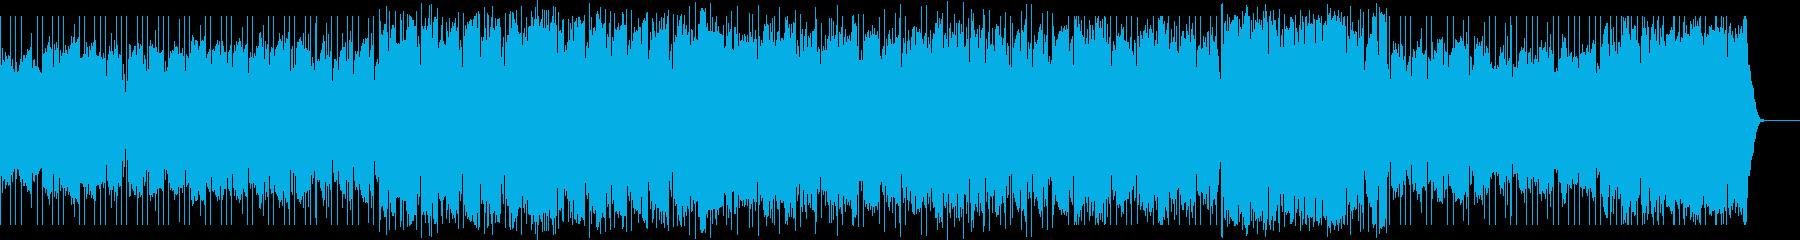 バグパイプ・アイリッシュな村祭りの再生済みの波形